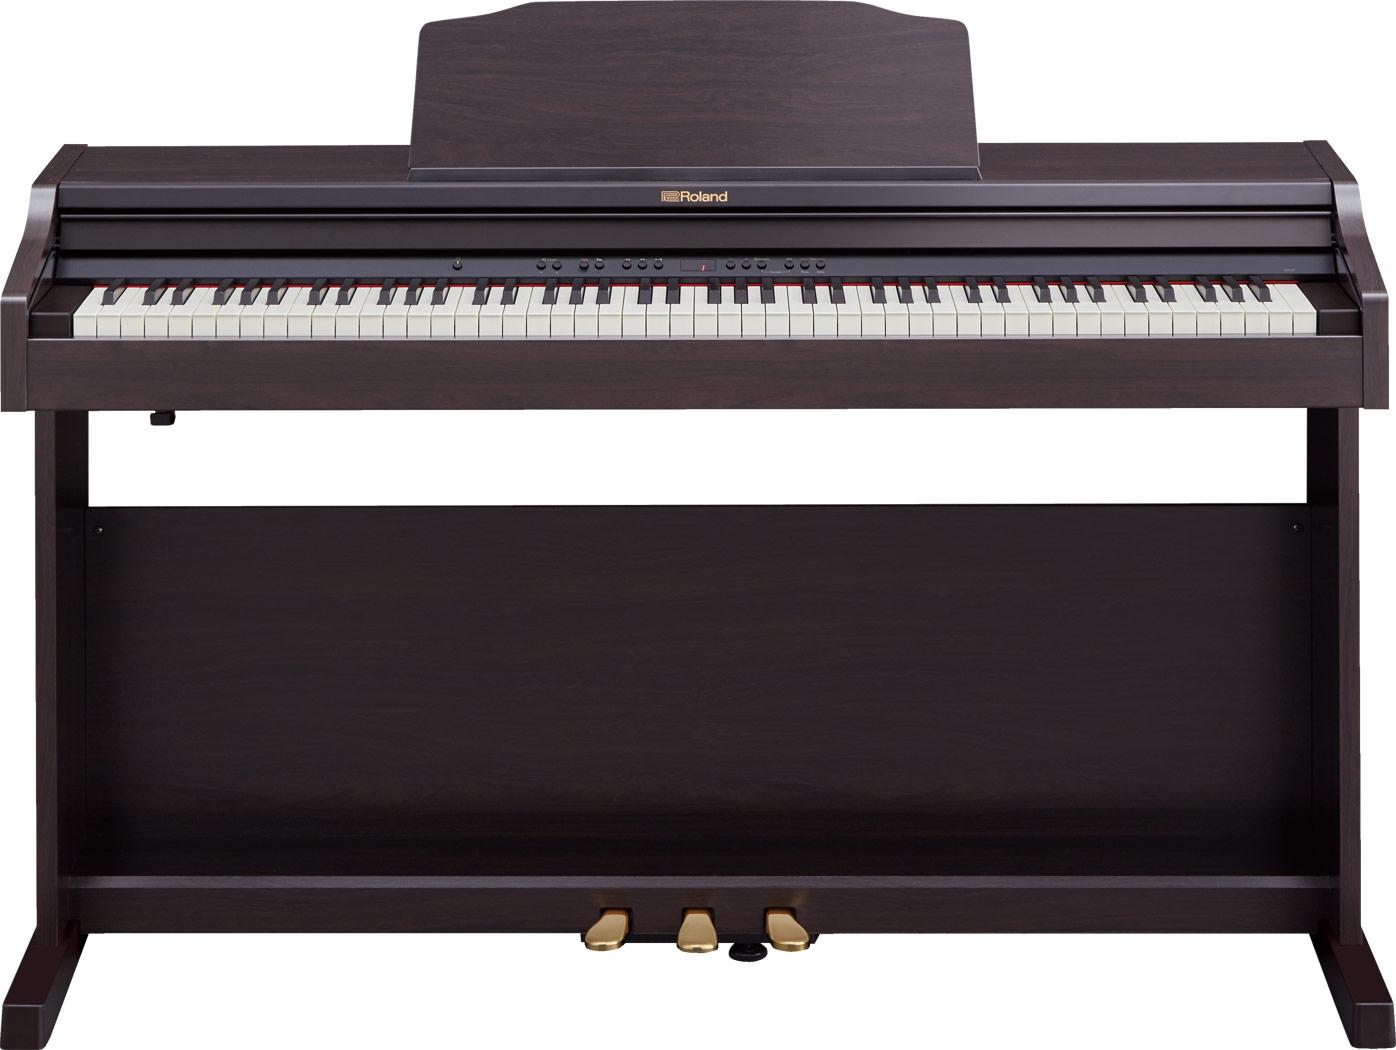 đàn piano roland rp 302